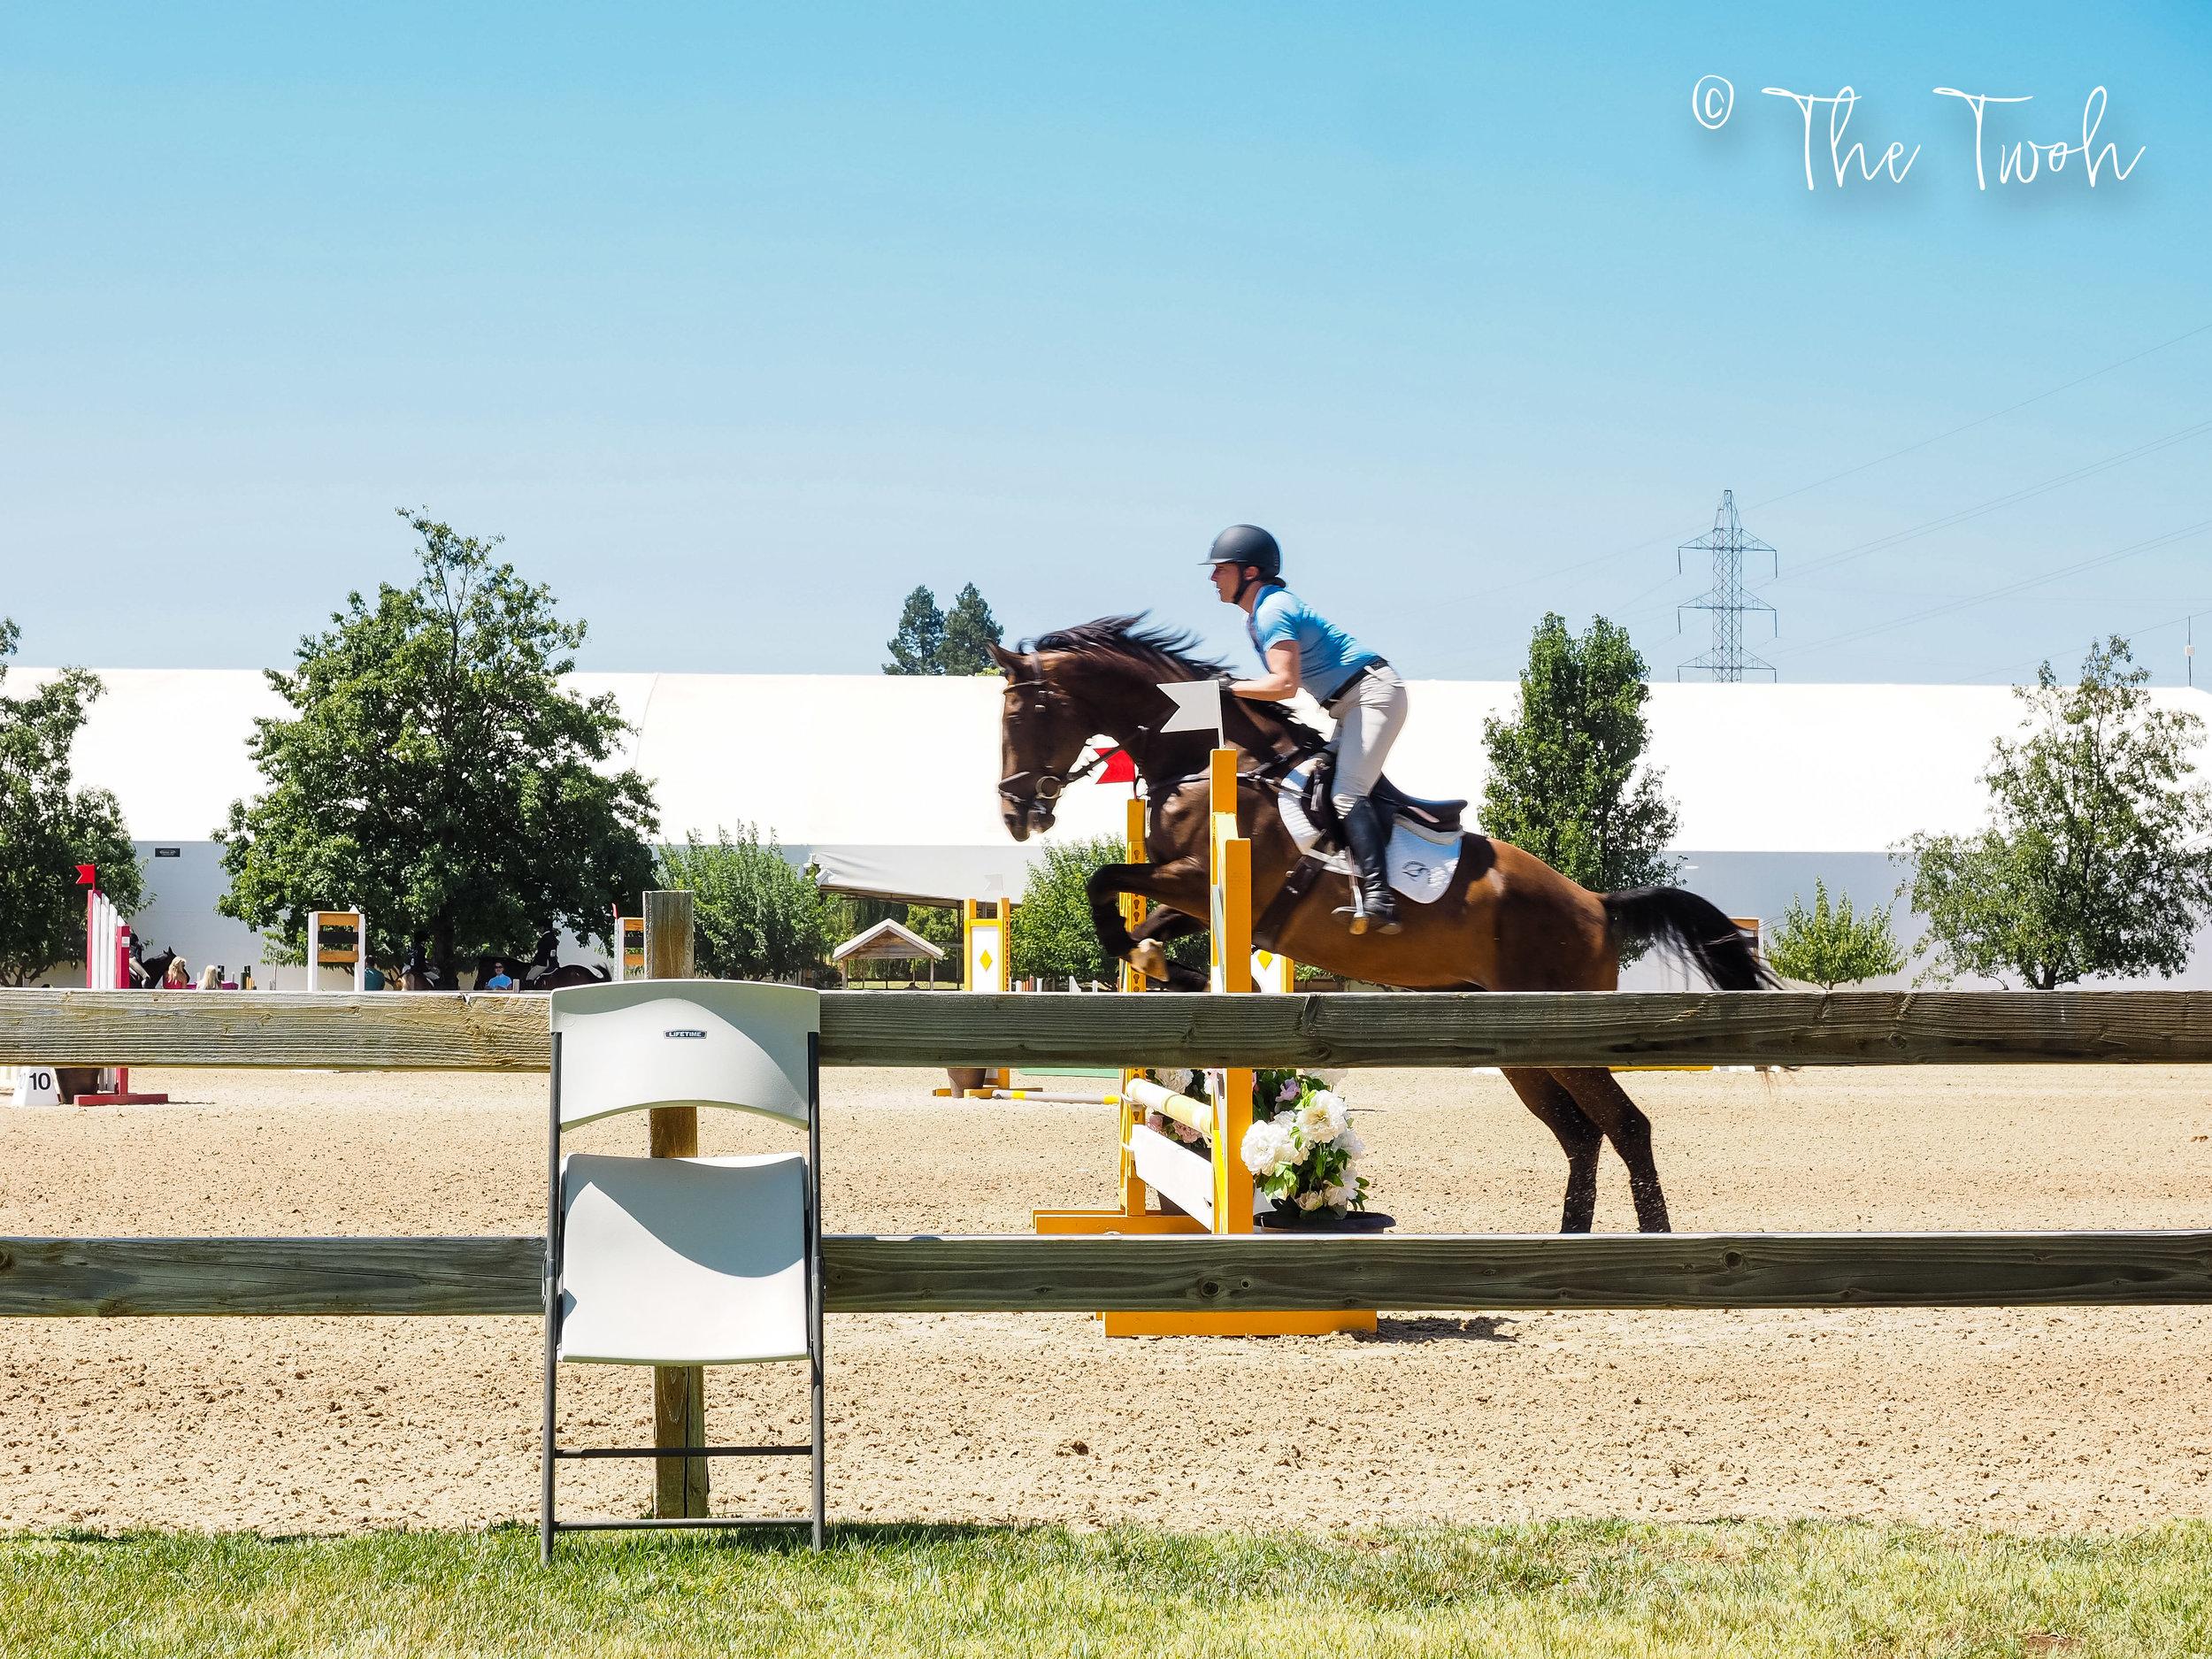 horse-show-weekend-5.jpg